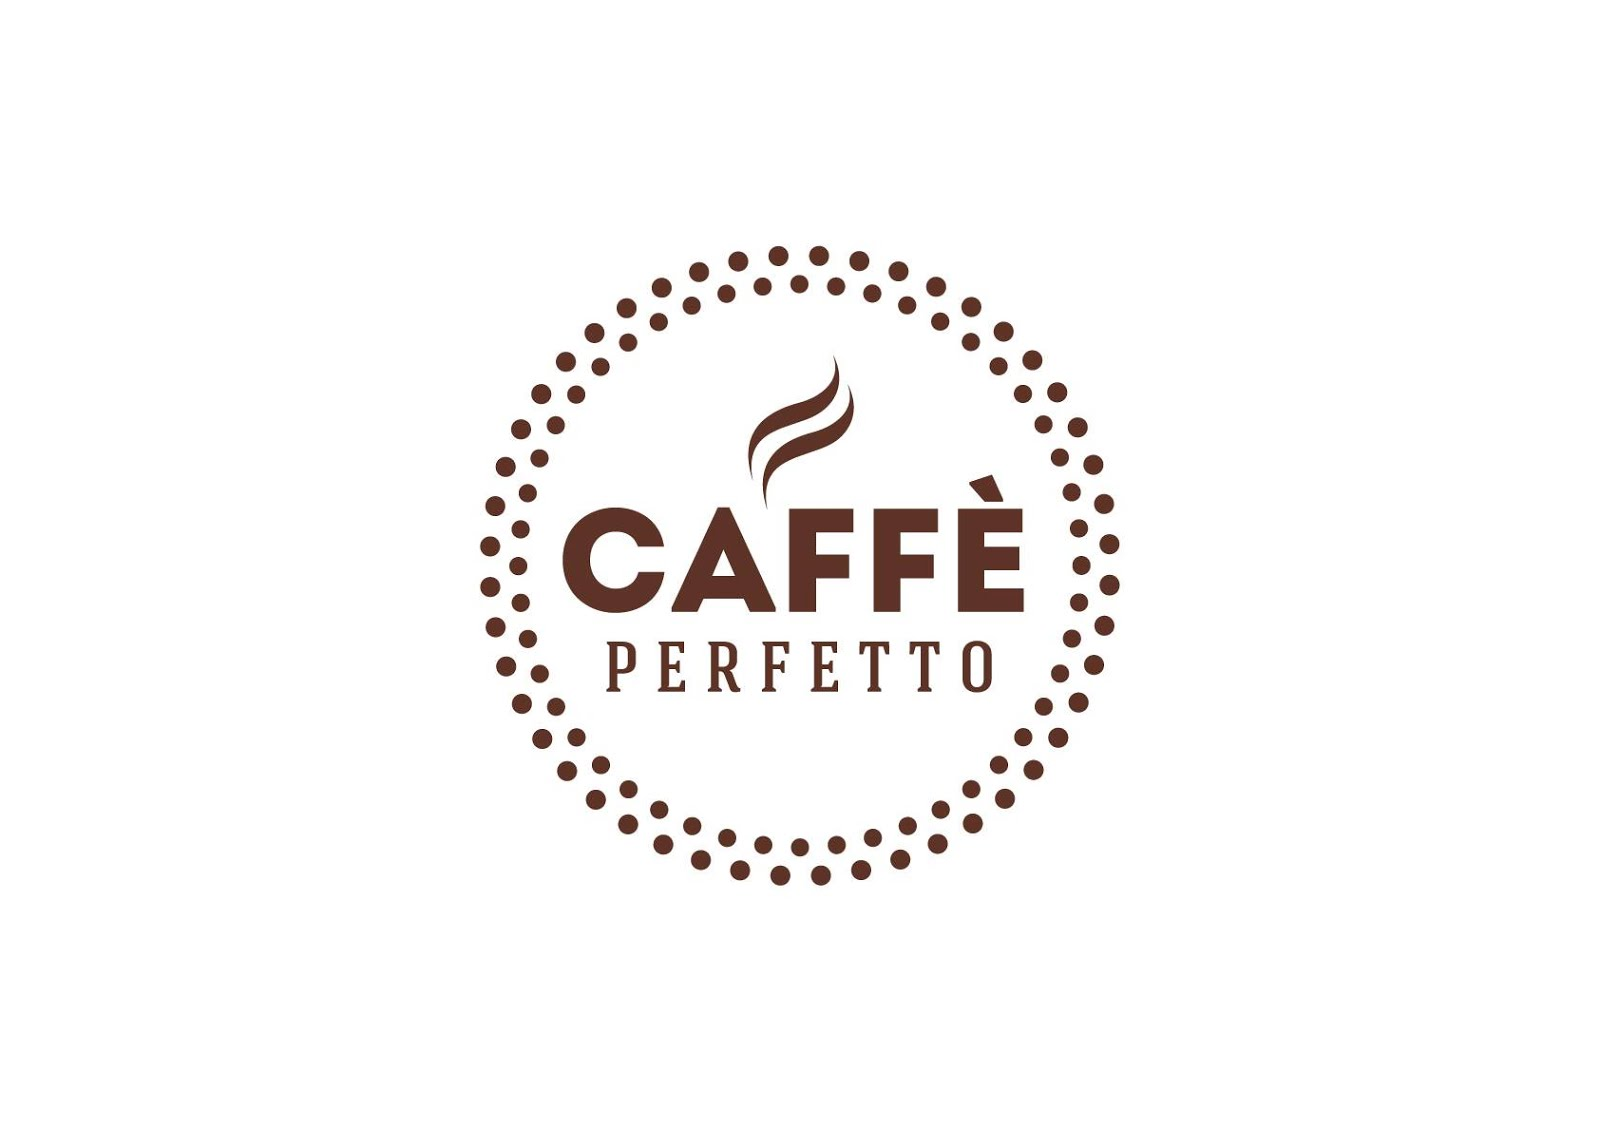 współpracuję z firmą Caffe Perfetto od grudzień 2020r